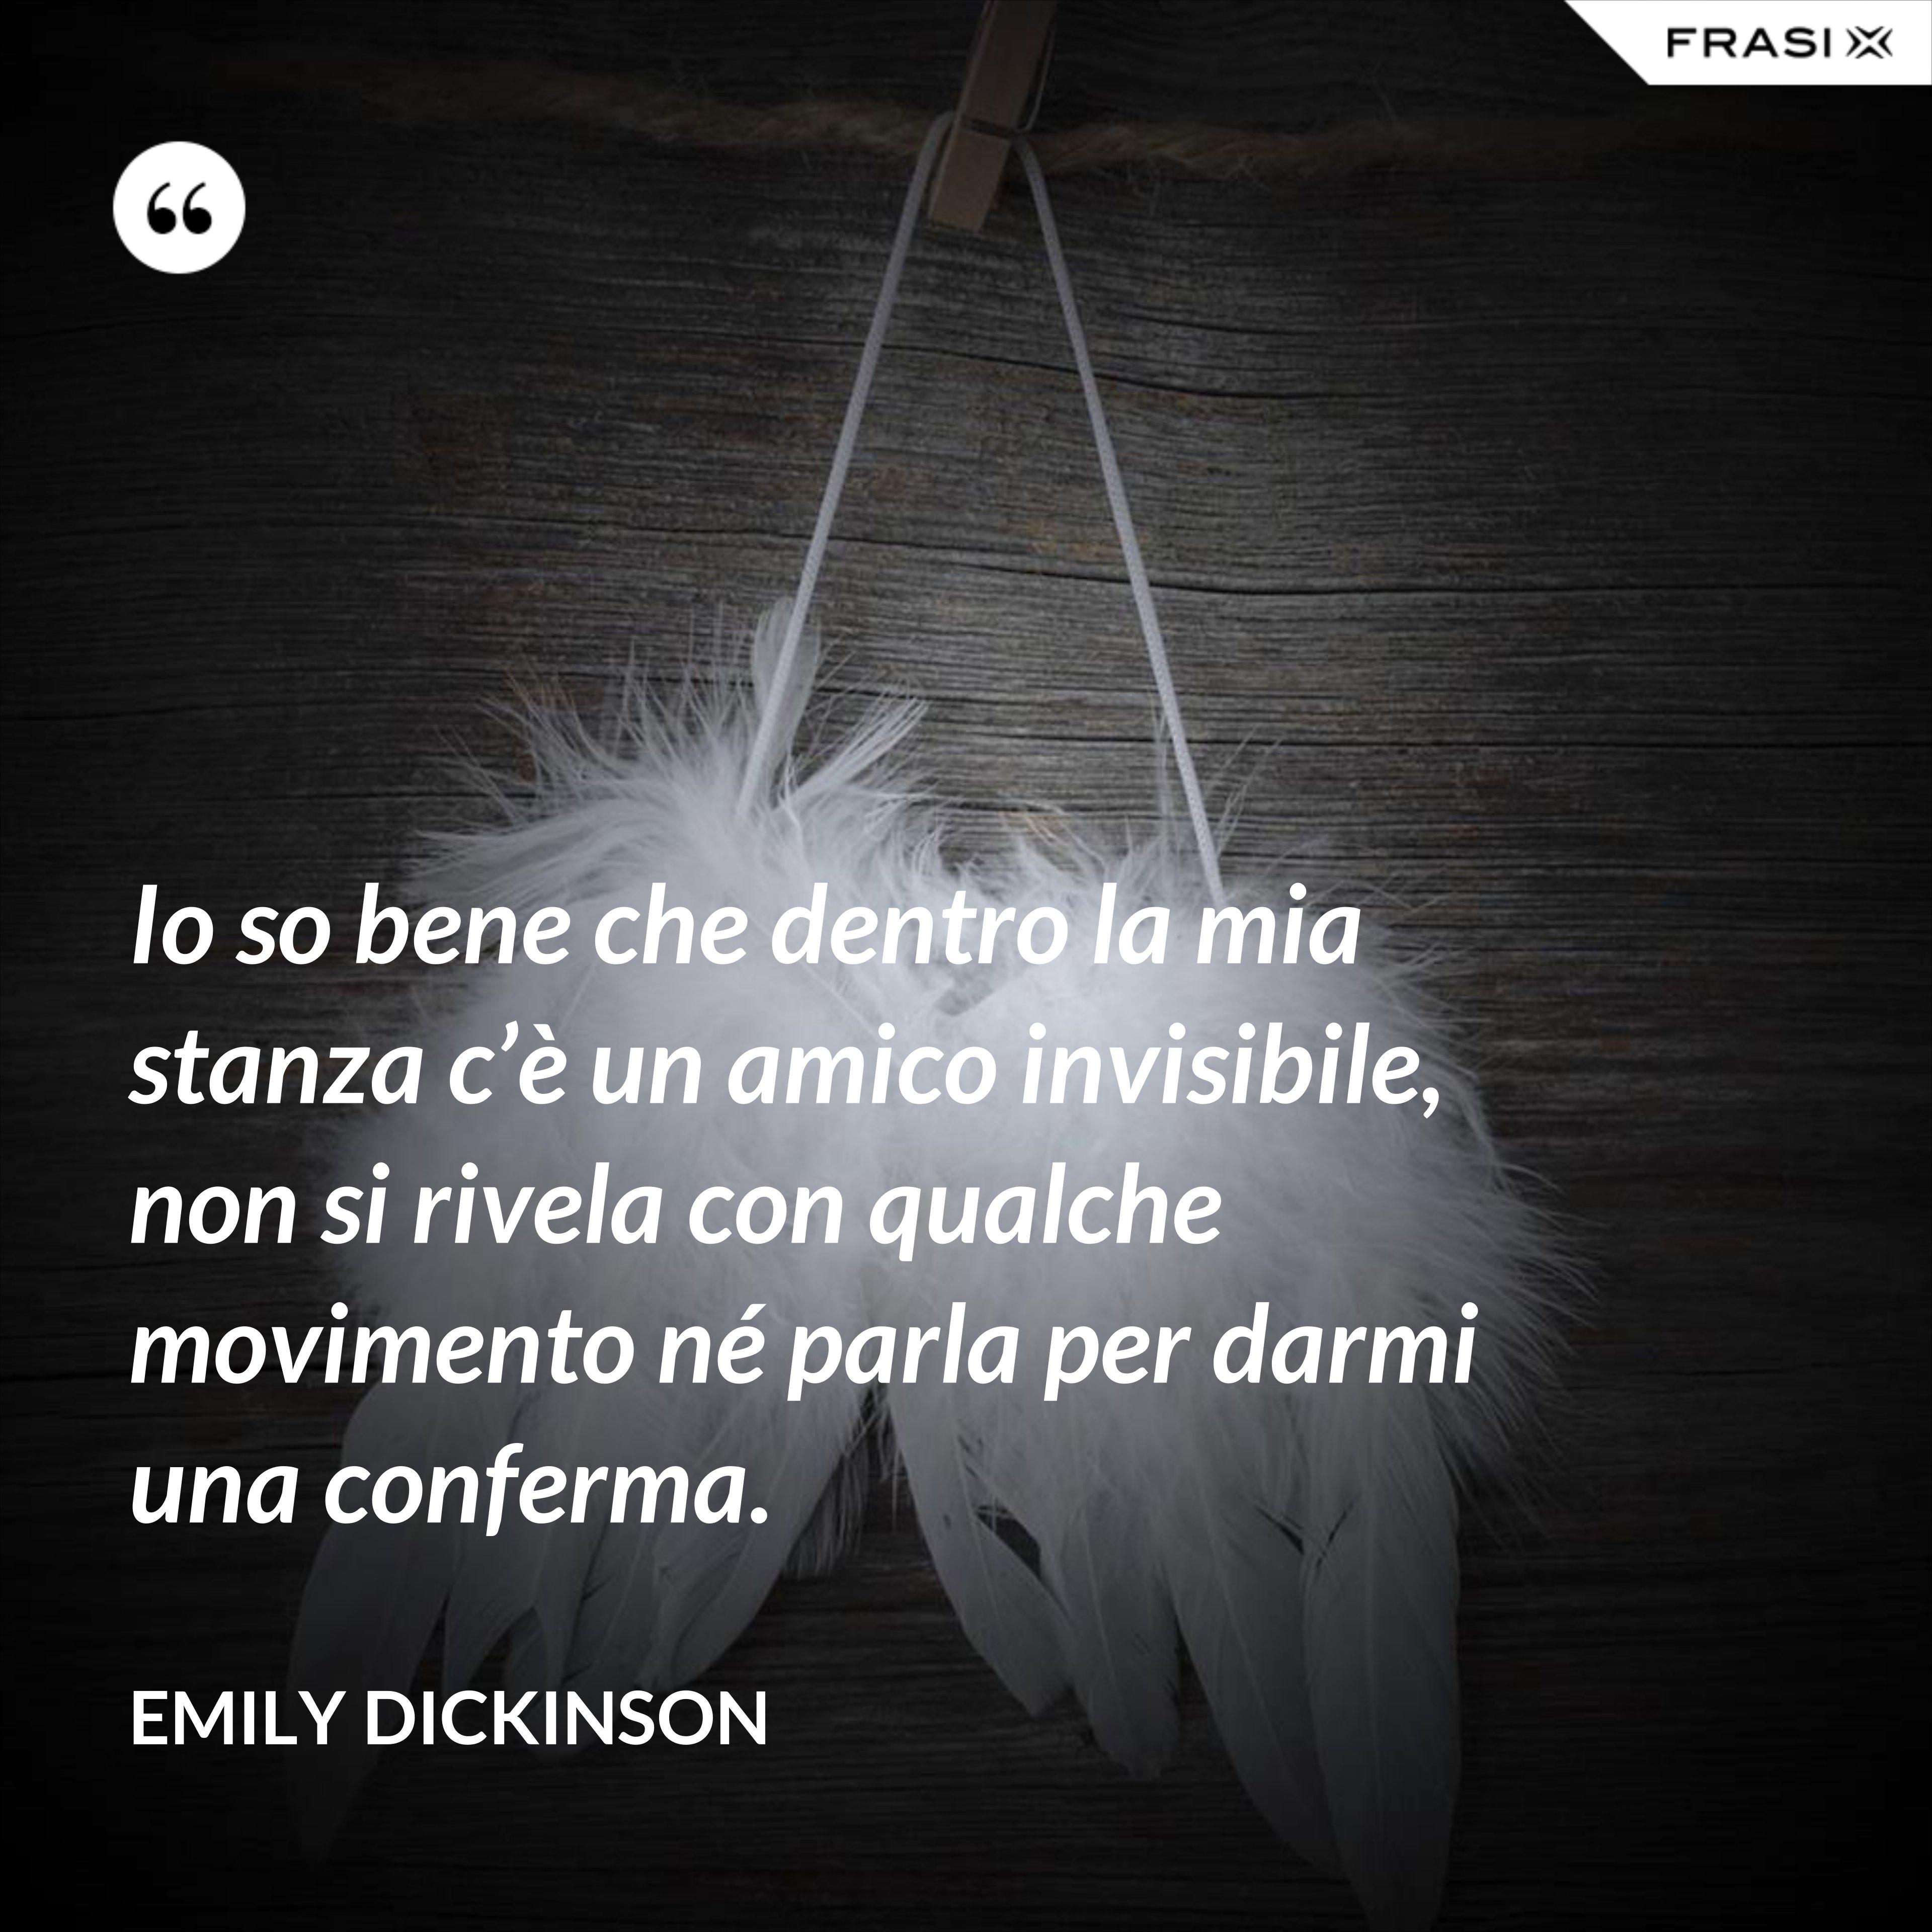 Io so bene che dentro la mia stanza c'è un amico invisibile, non si rivela con qualche movimento né parla per darmi una conferma. - Emily Dickinson